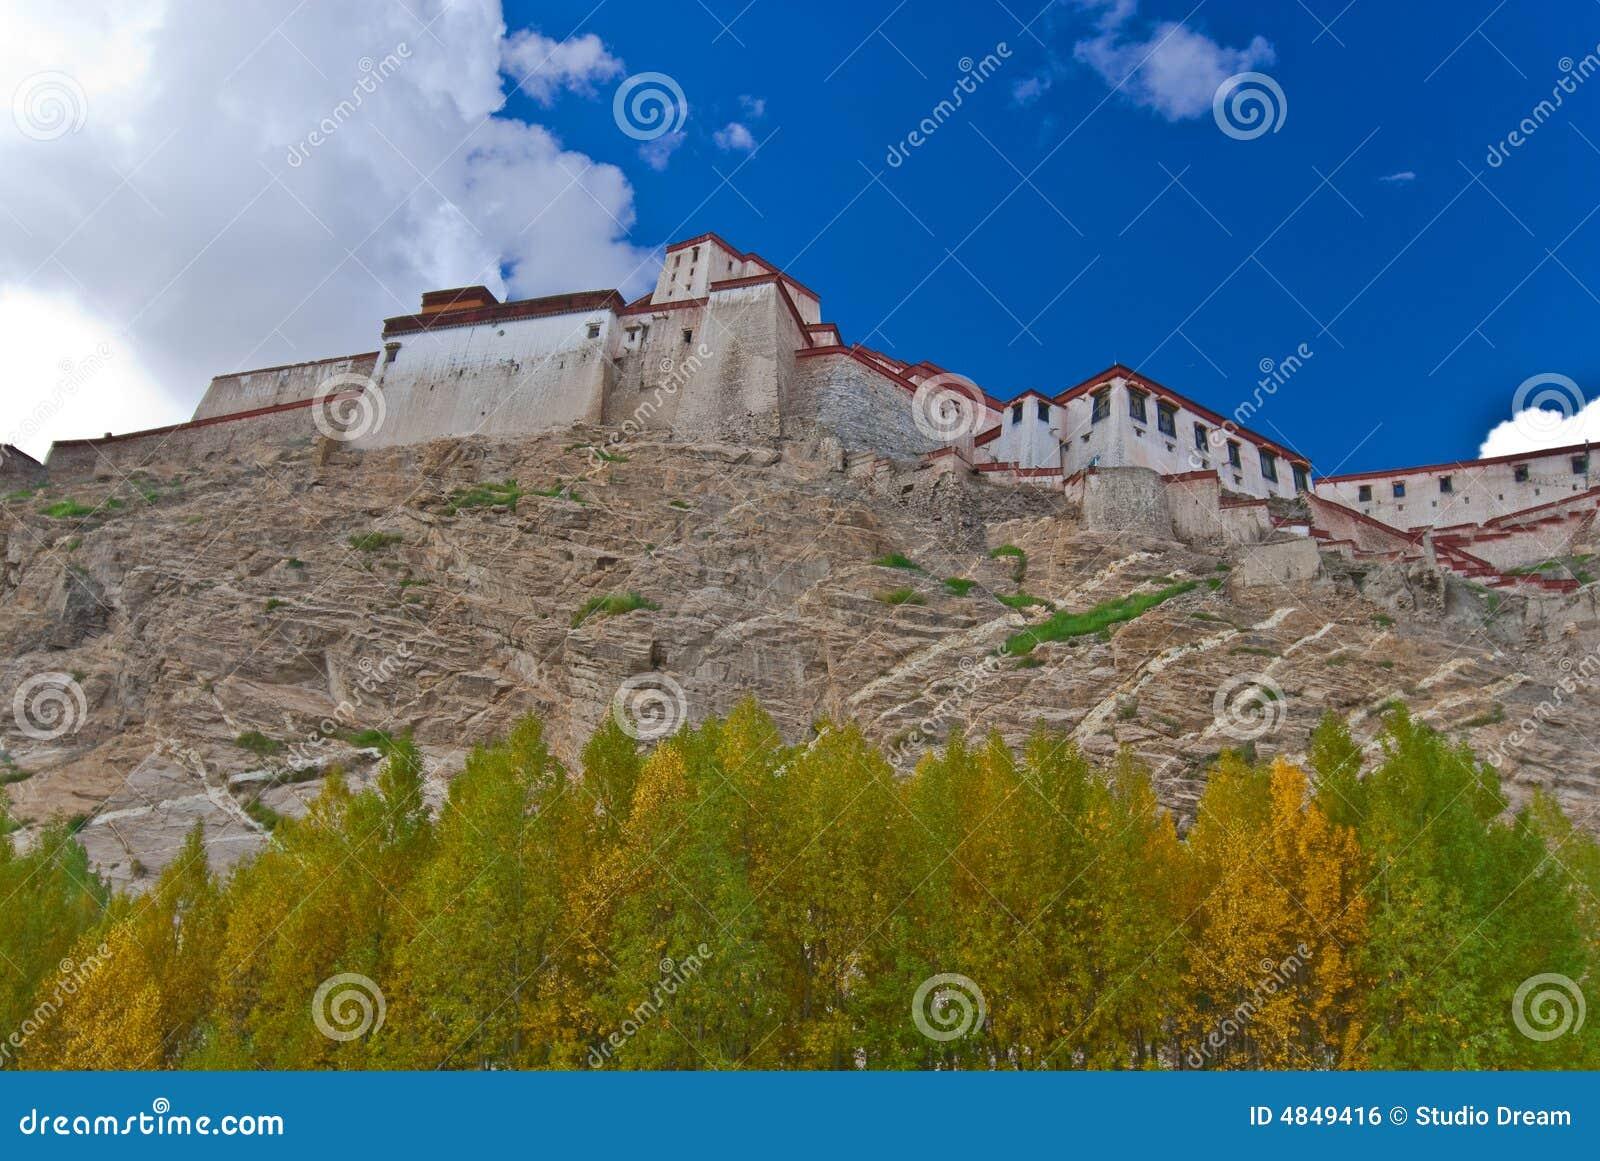 Credenza Da Montagna : Un monastero tibetano fotografia stock. immagine di credenza 4849416